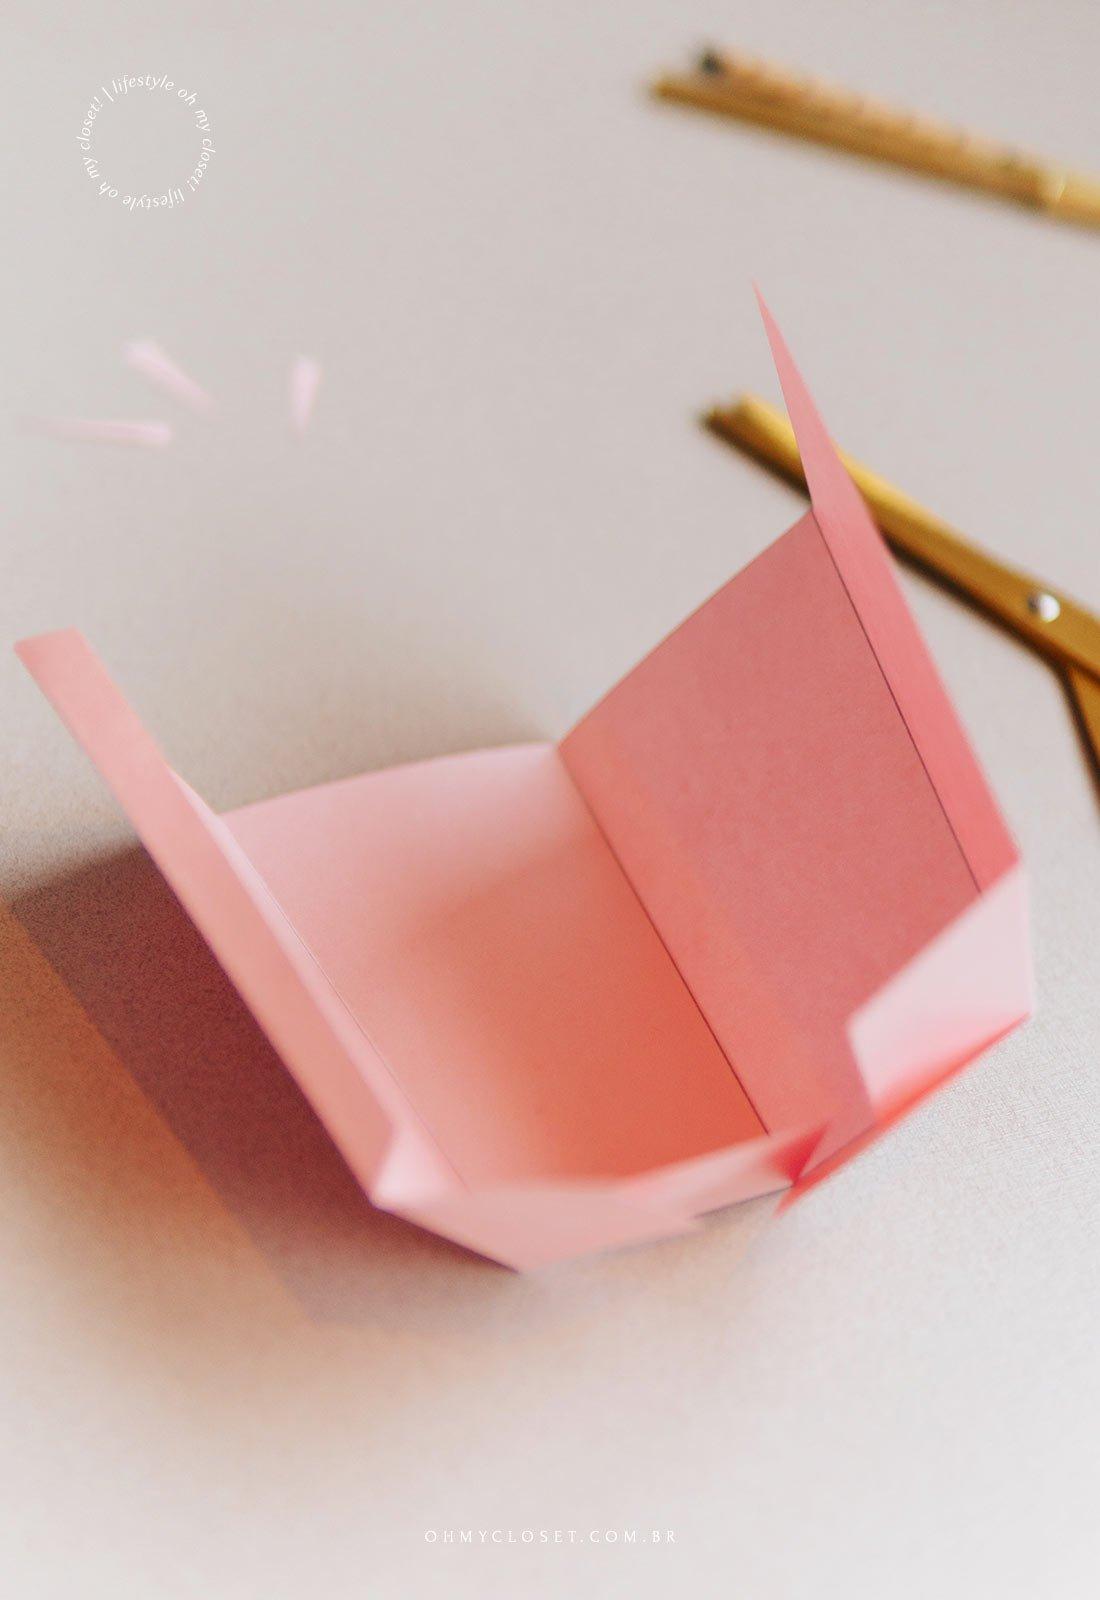 Processo de montagem do mini balde de pipoca de papel.